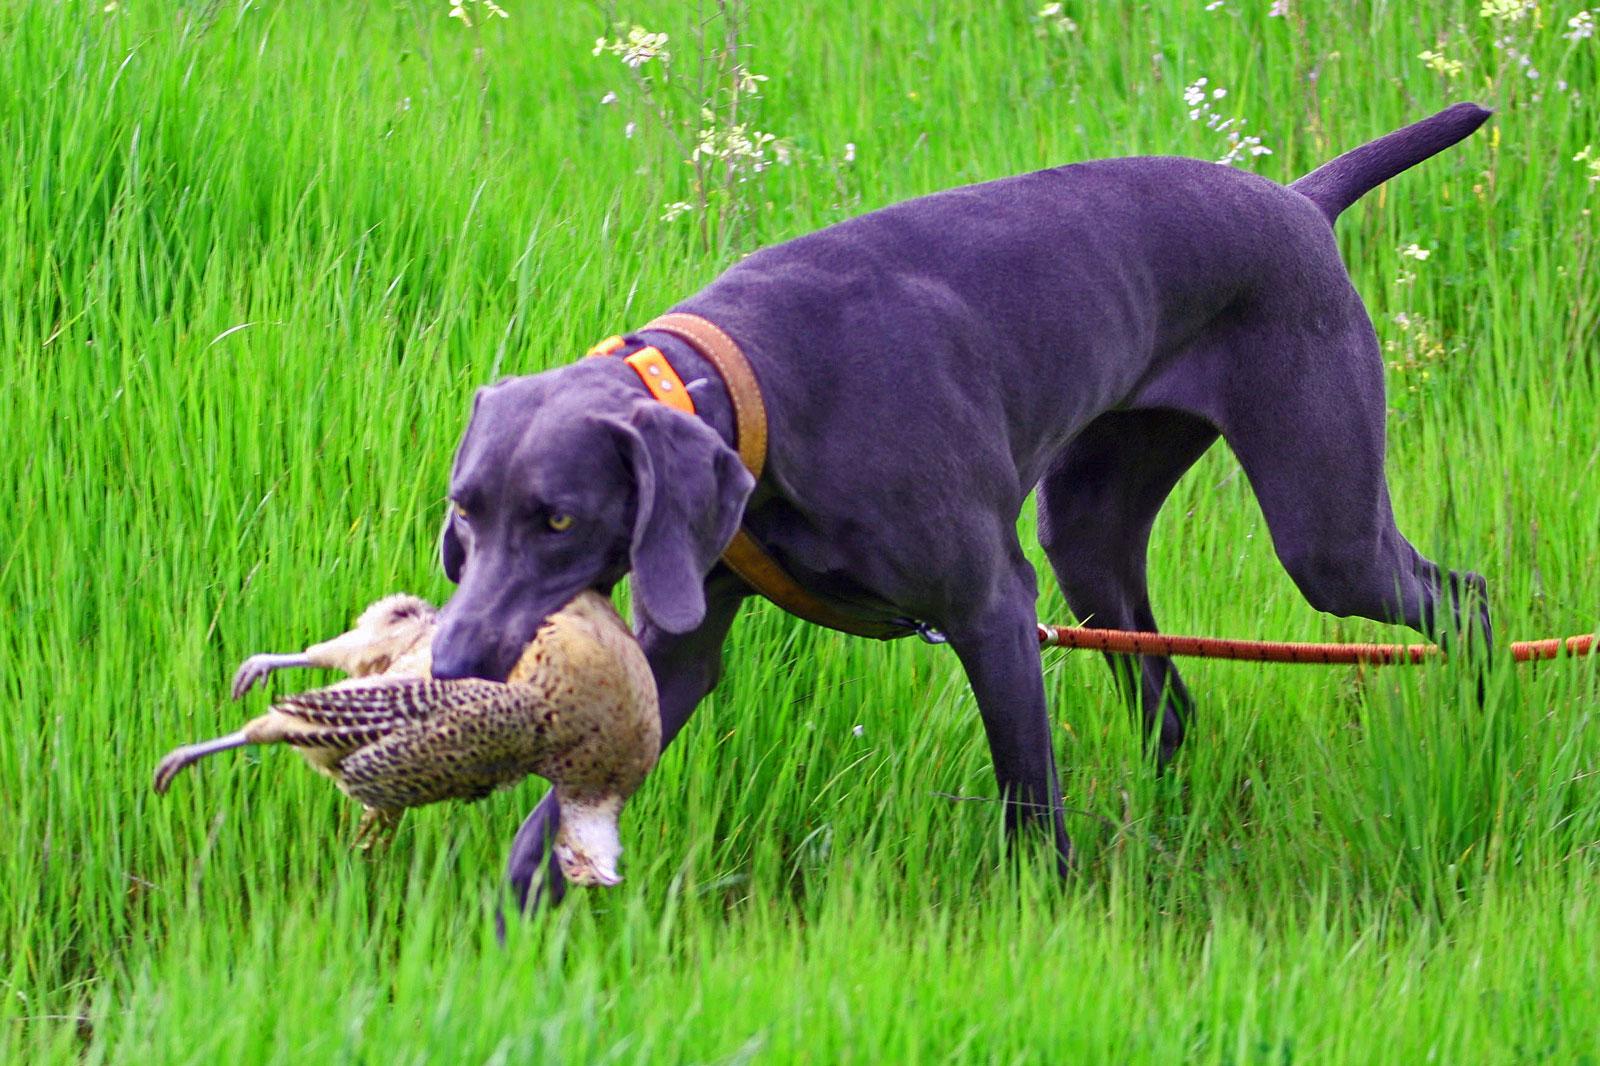 Weimaraner hunting